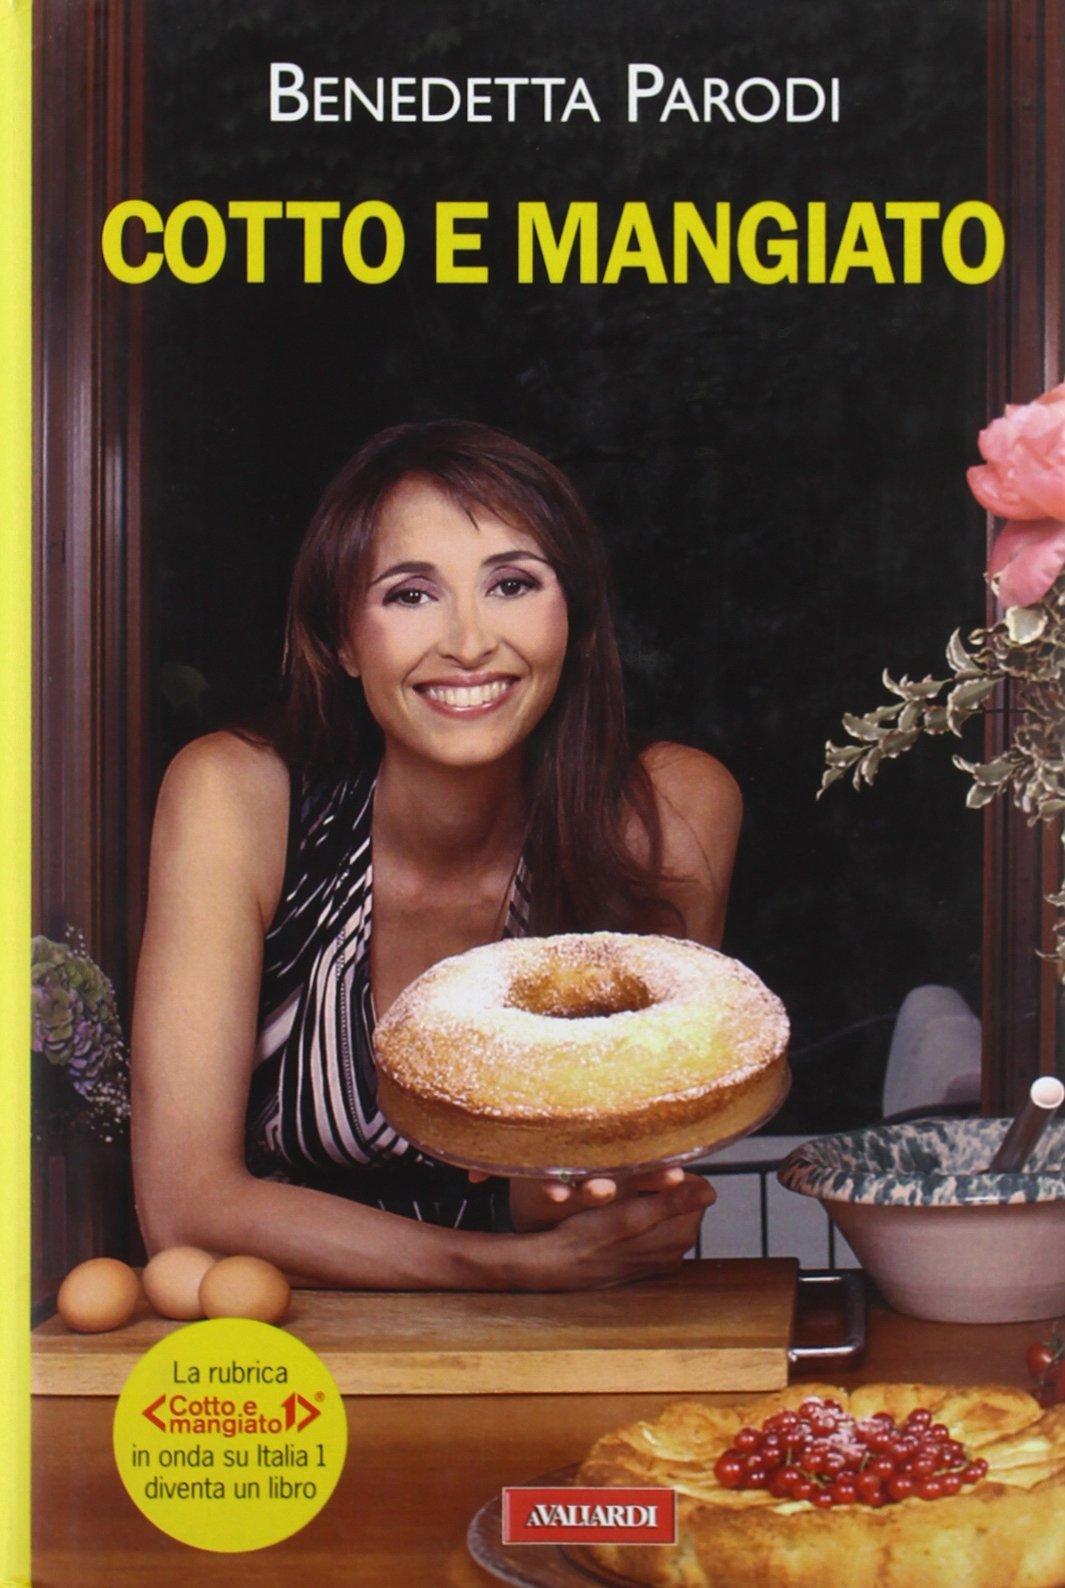 Cotto E Mangiato Benedetta Parodi 9788878873025 Amazoncom Books